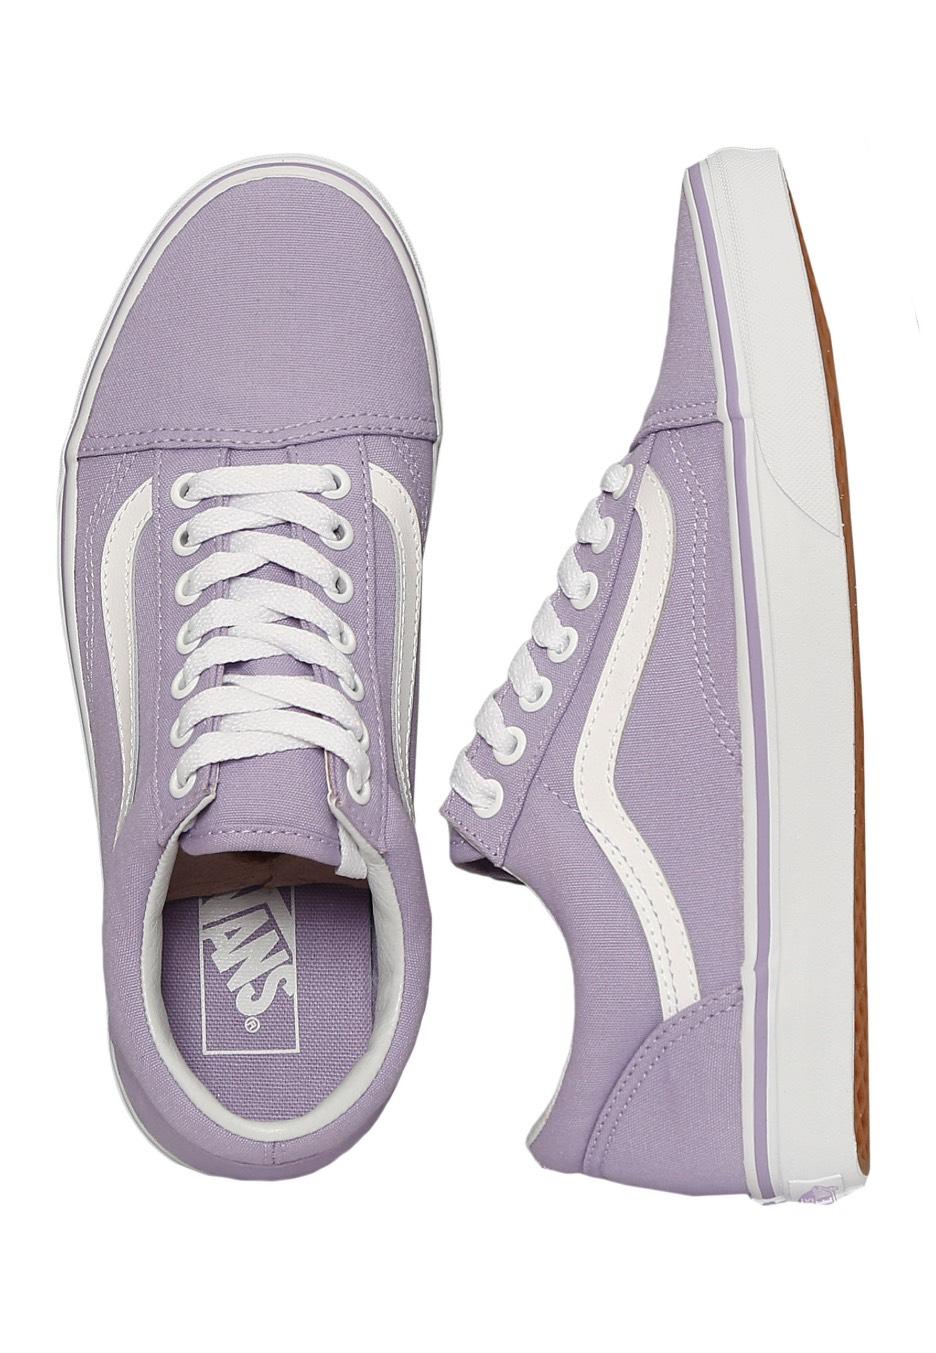 9684b36cb762 Vans - Old Skool Lavender True White - Girl Shoes